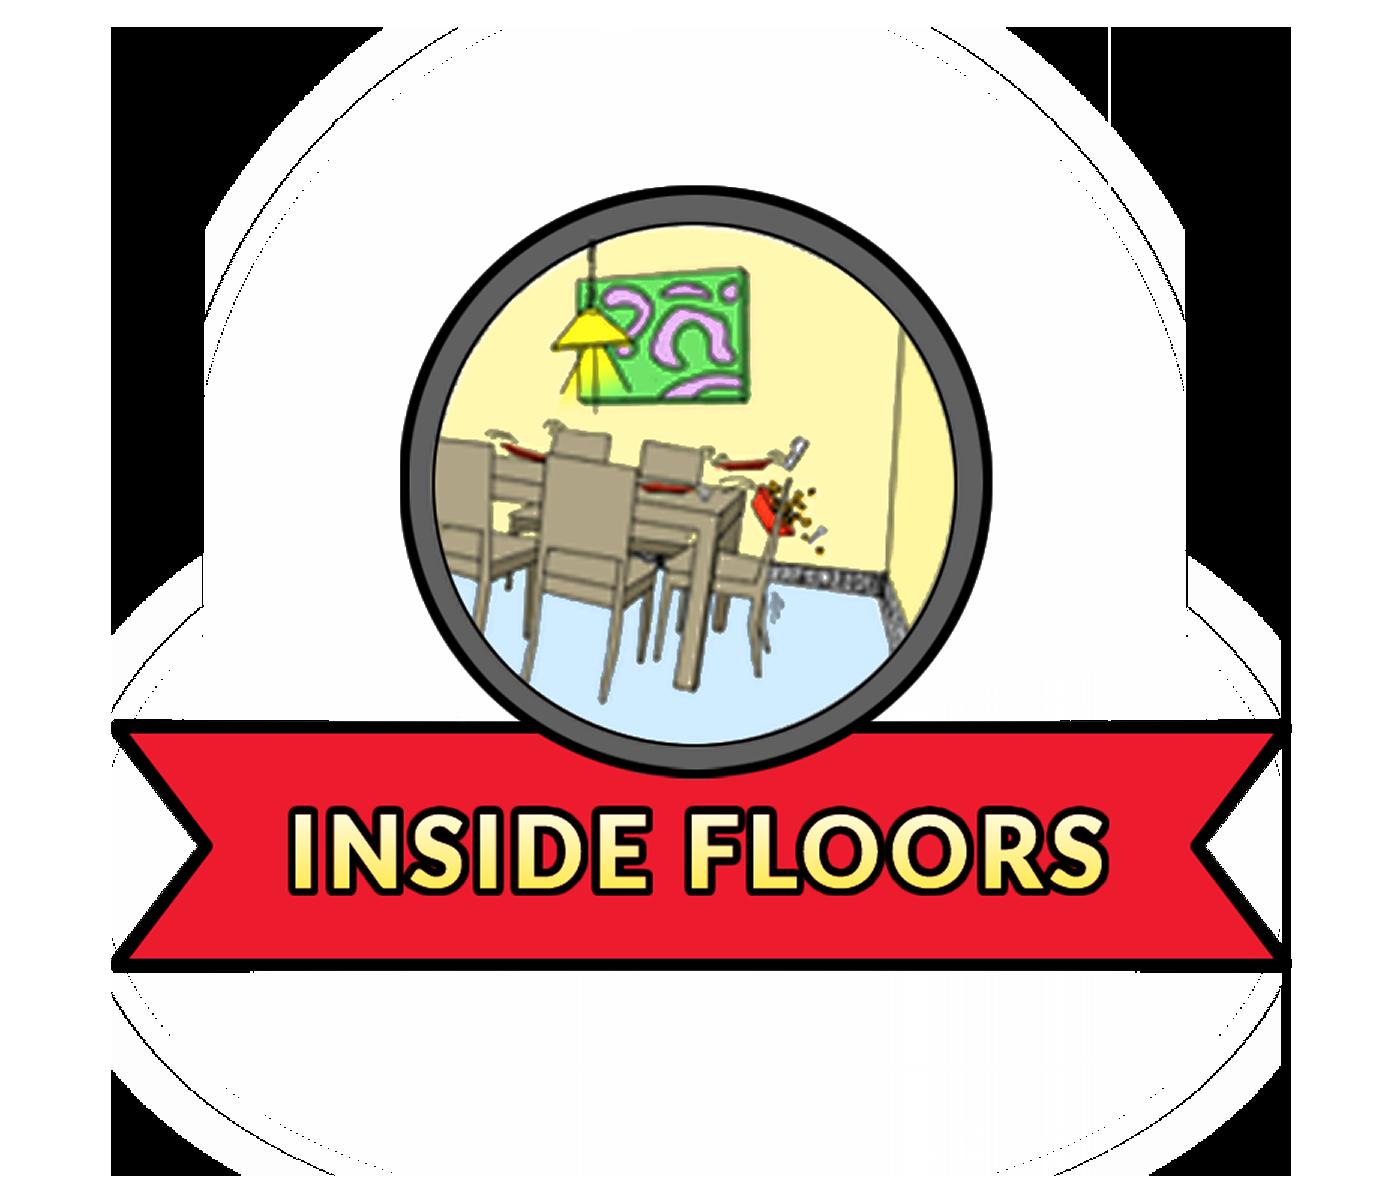 InsideFloors